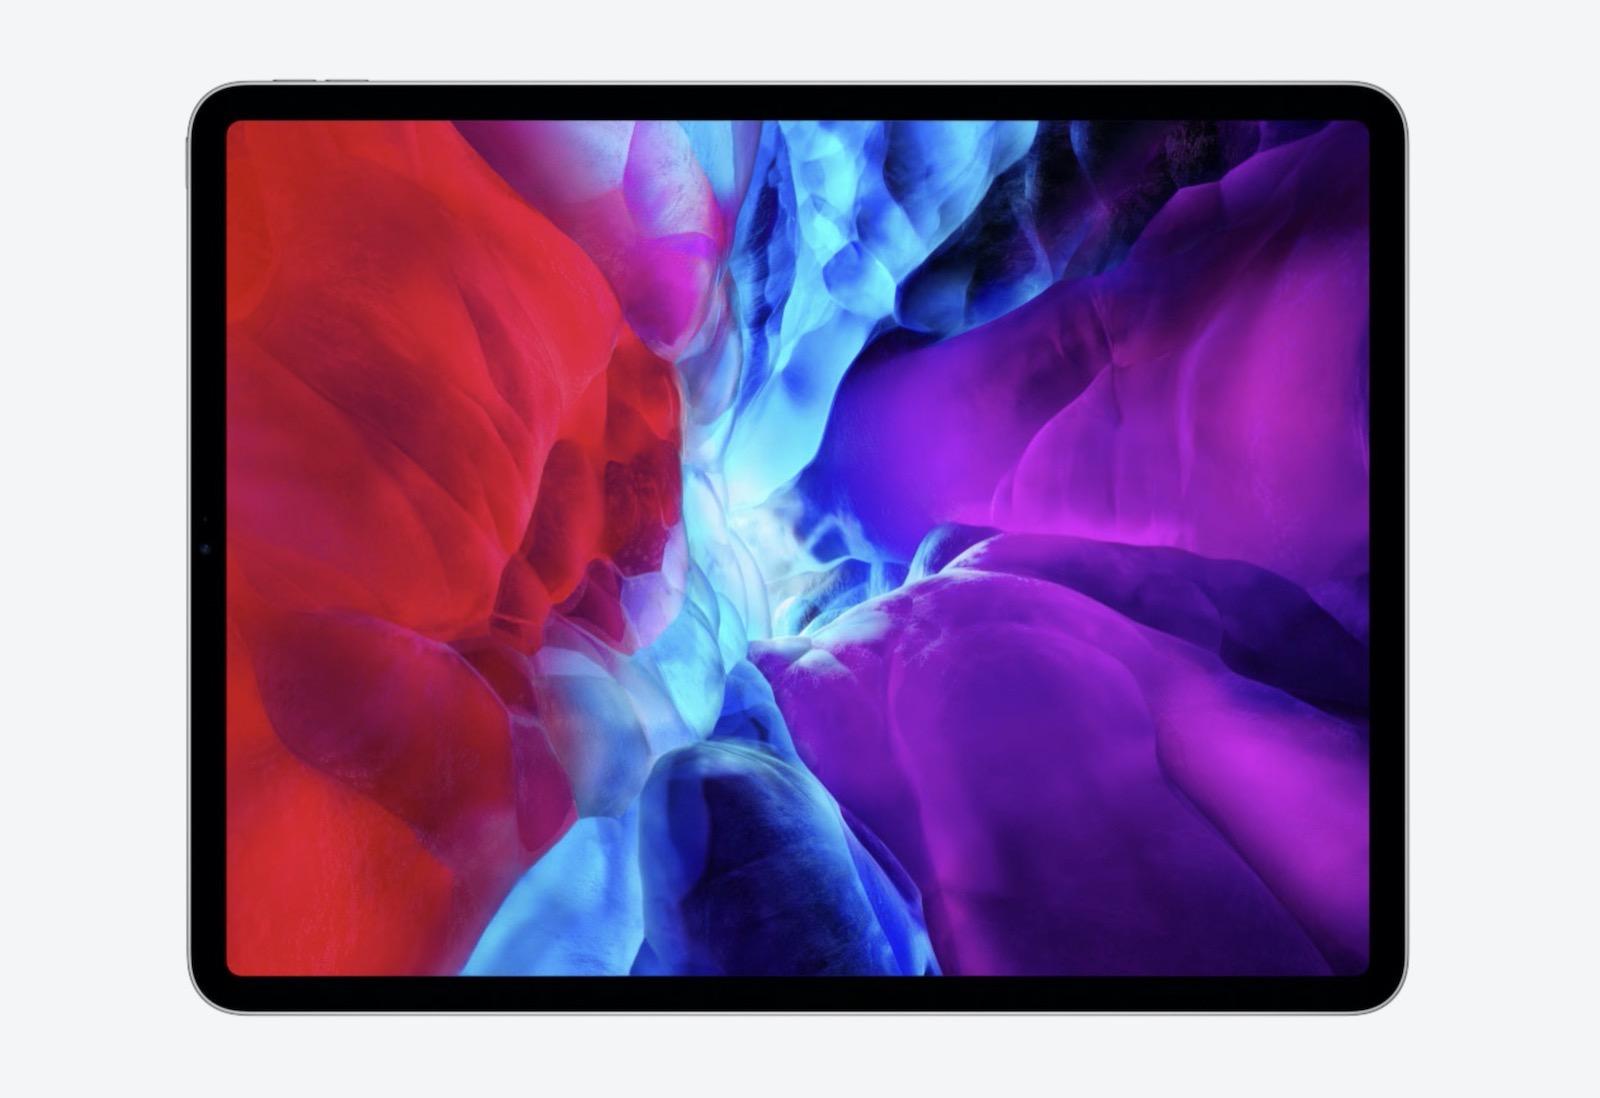 Ipad Pro 2020 の公式壁紙がダウンロード可能に ゴリミー